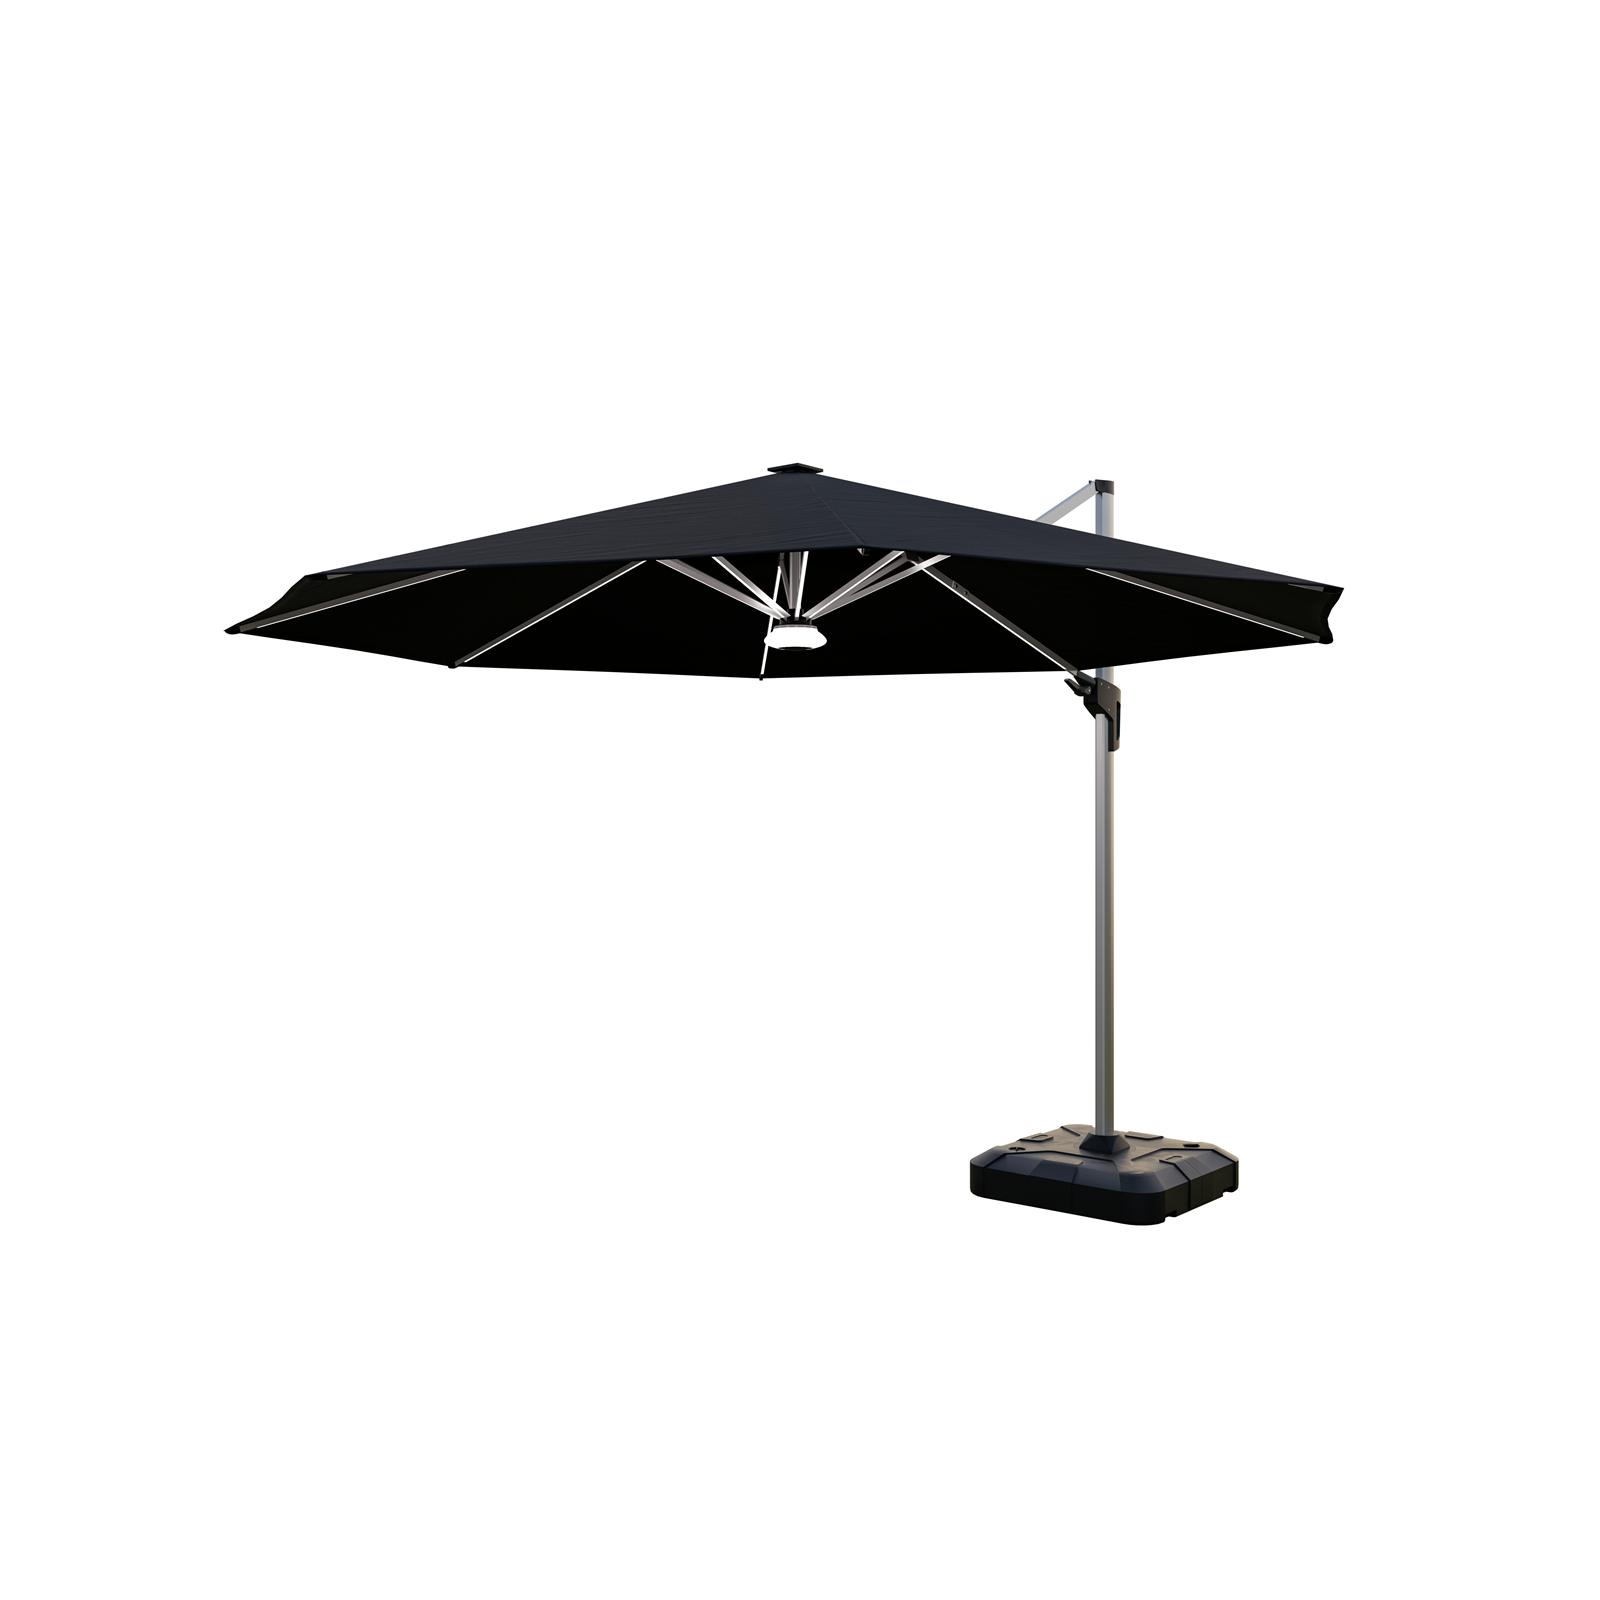 Coolaroo 3.5m Black Brighton Solar Cantilever Umbrella